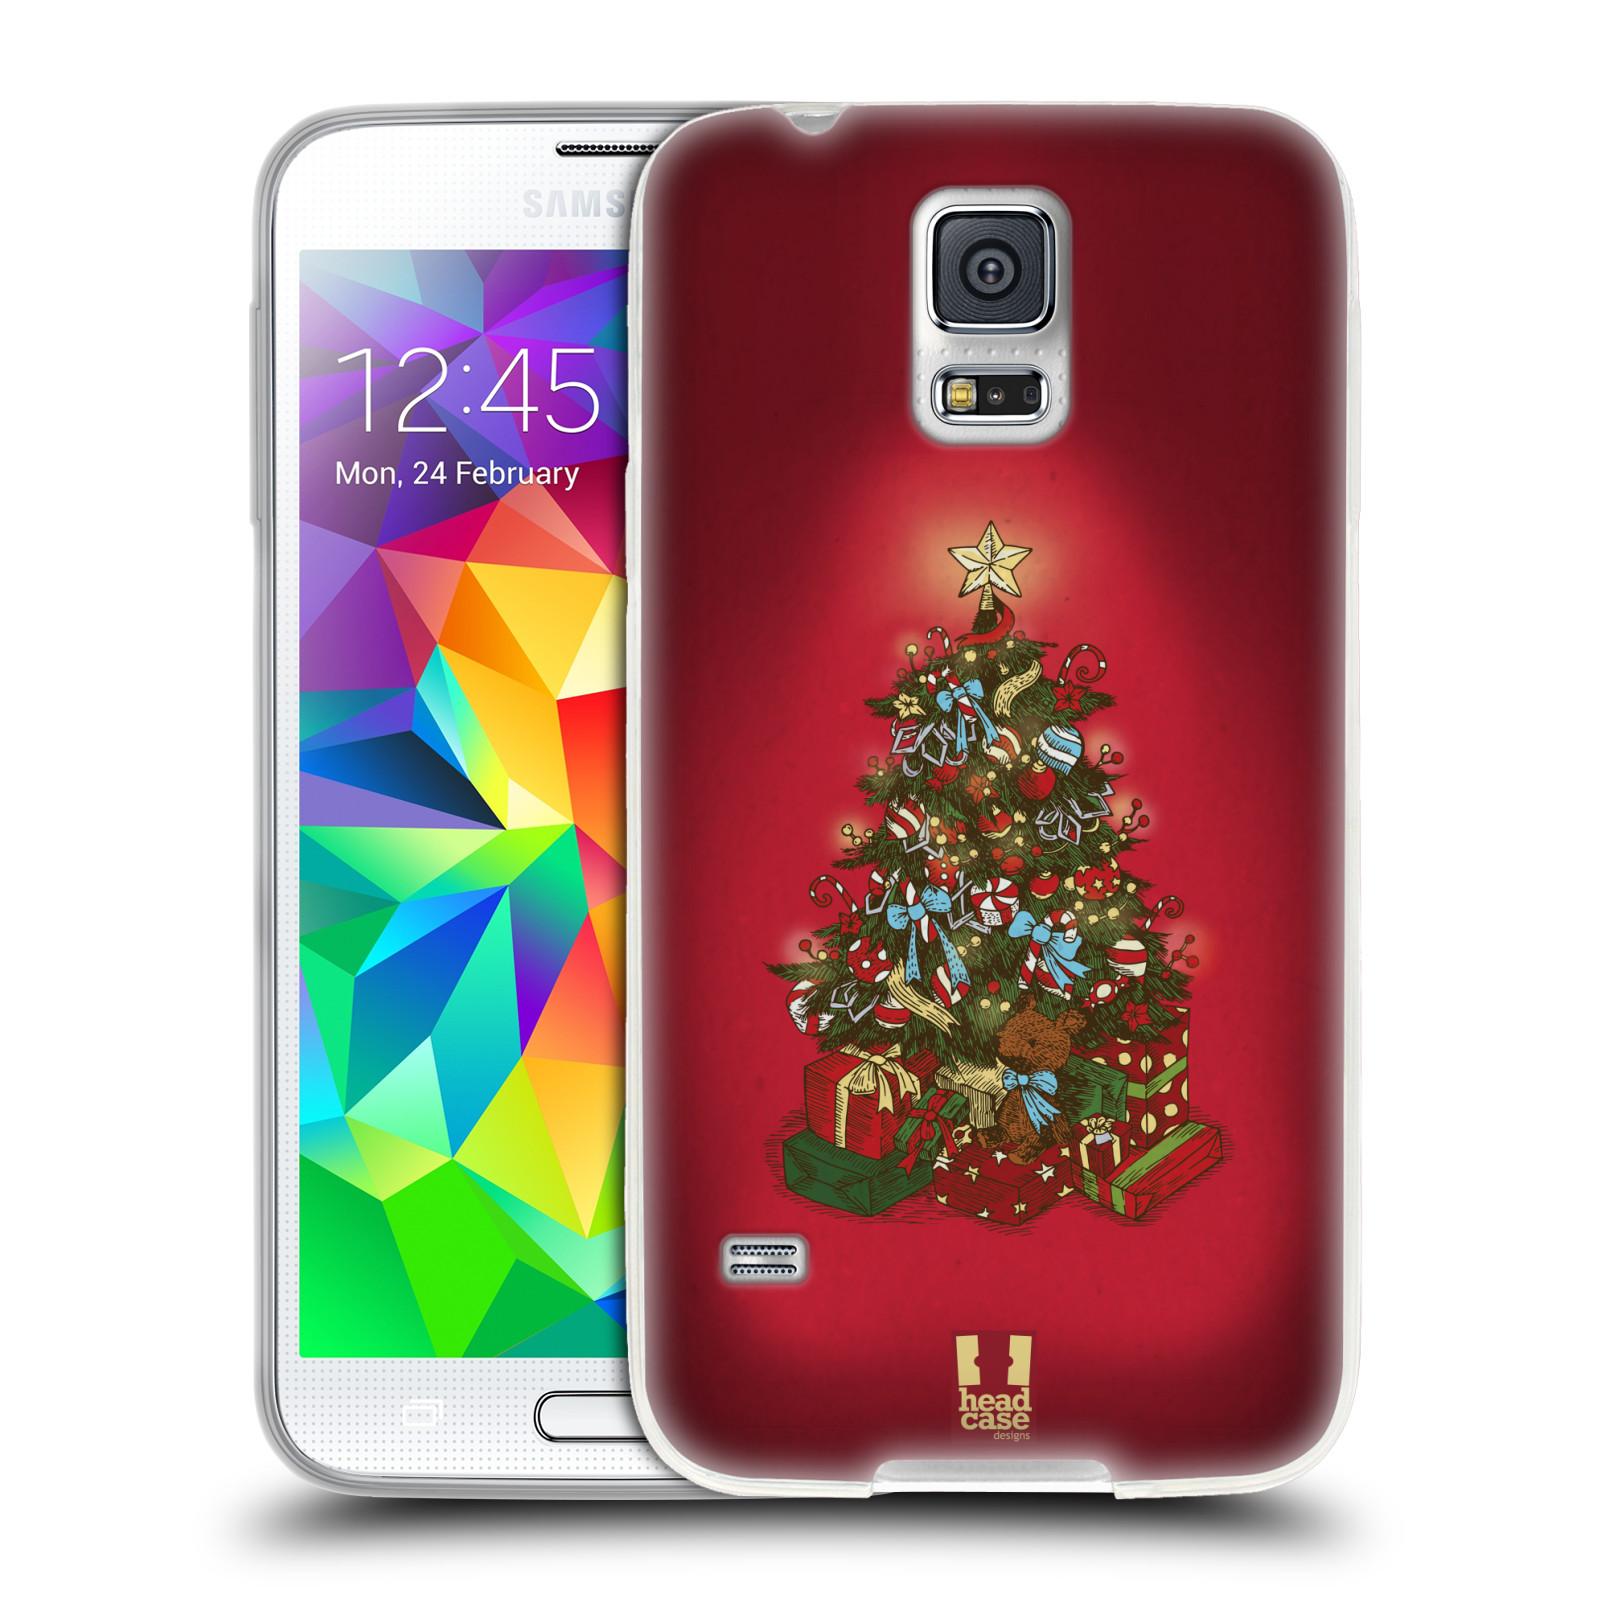 Silikonové pouzdro na mobil Samsung Galaxy S5 Neo - Head Case - Stromeček